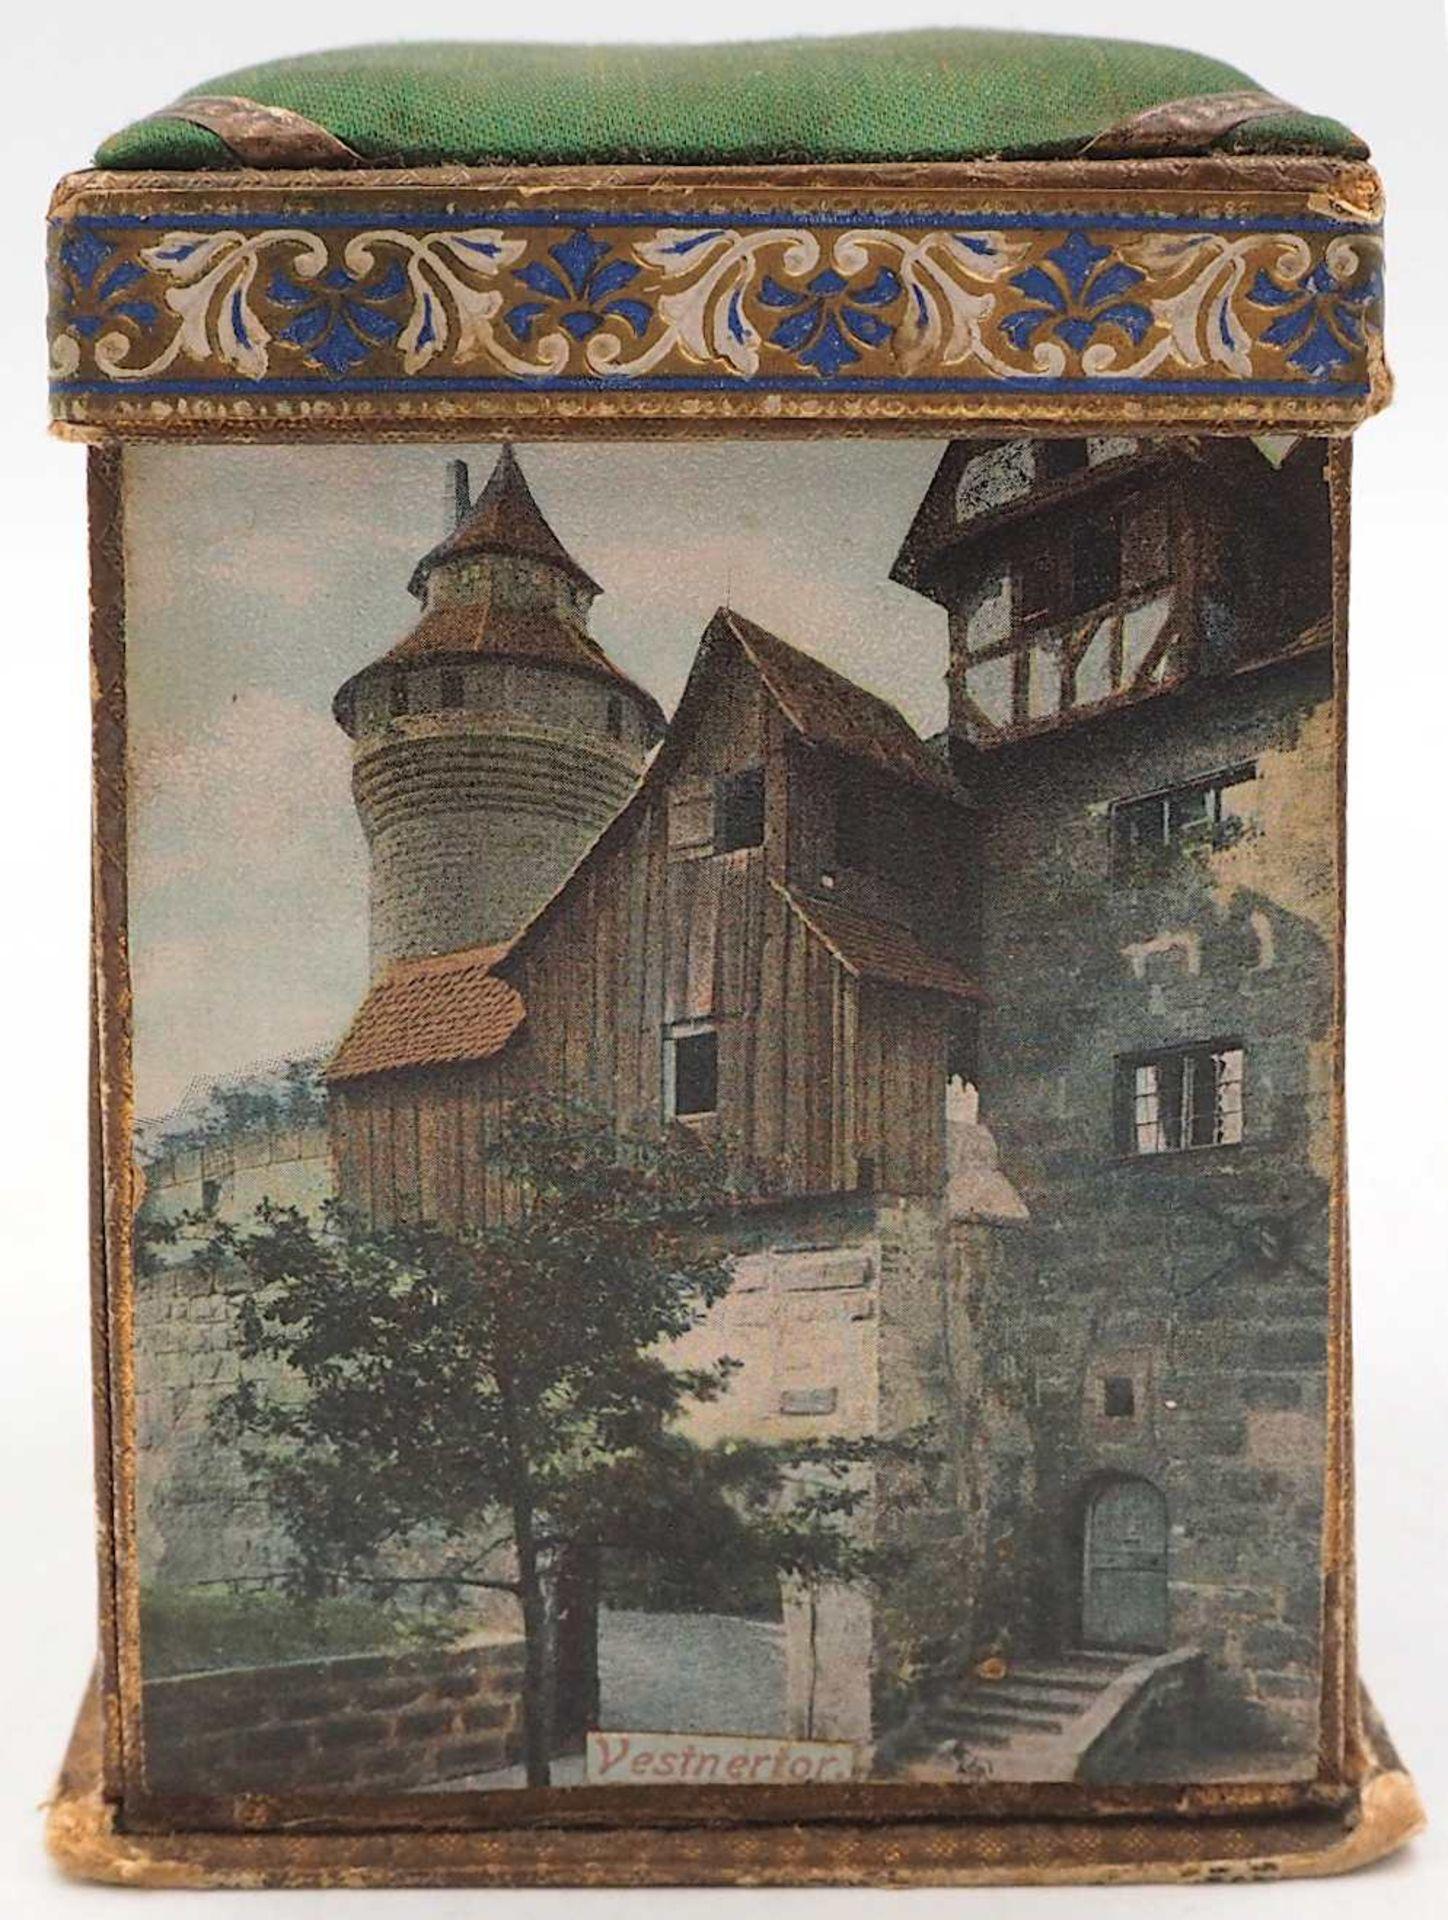 1 Reisenähset wohl um 1900 bedruckte Pappe/Stoff, aufklappbar, auf Wandung Nürnberge